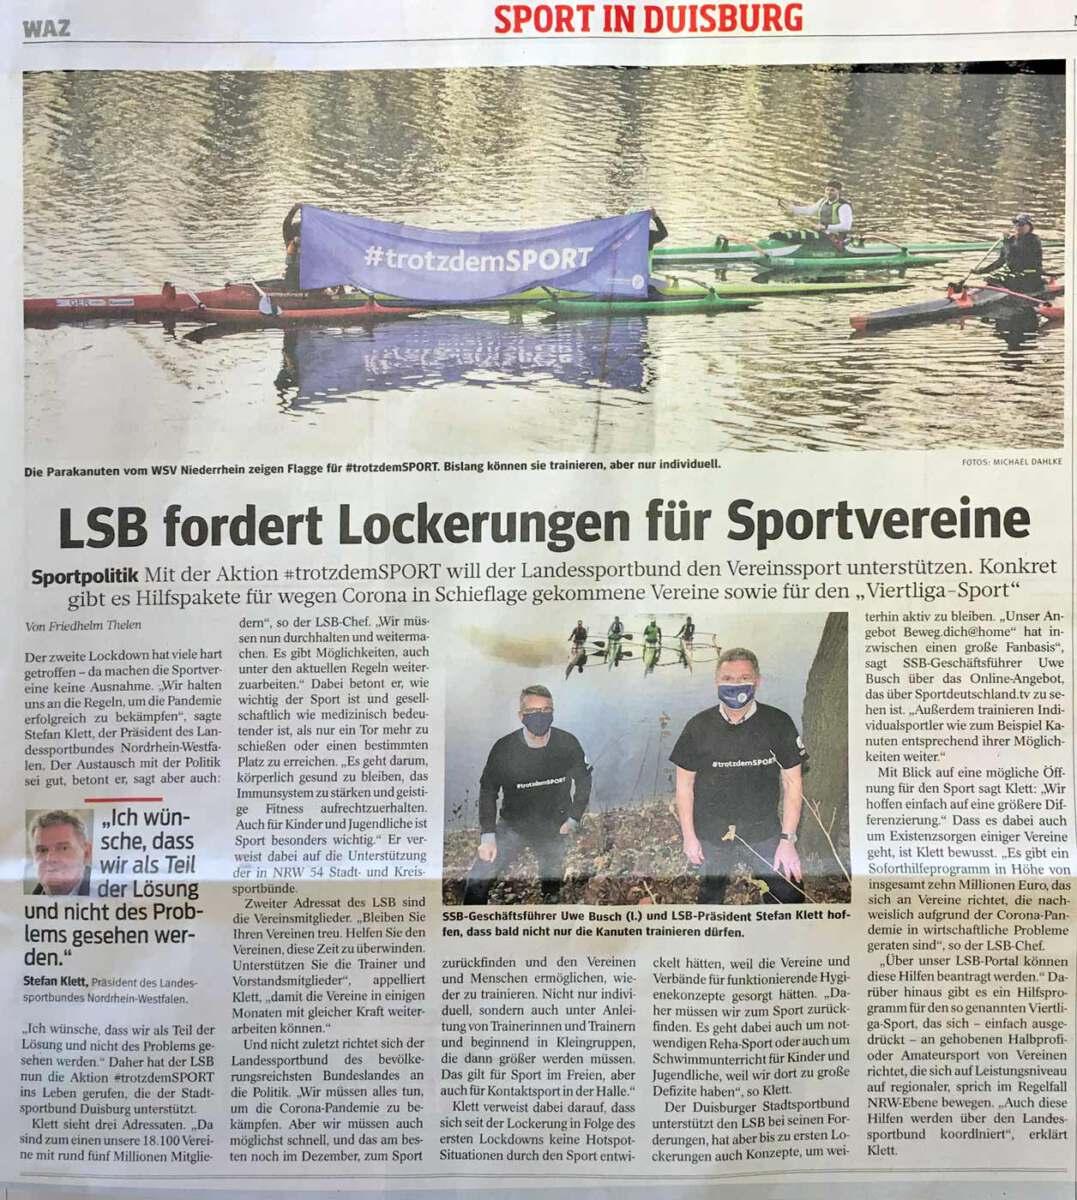 LSB fordert Lockerungen für Sportvereine